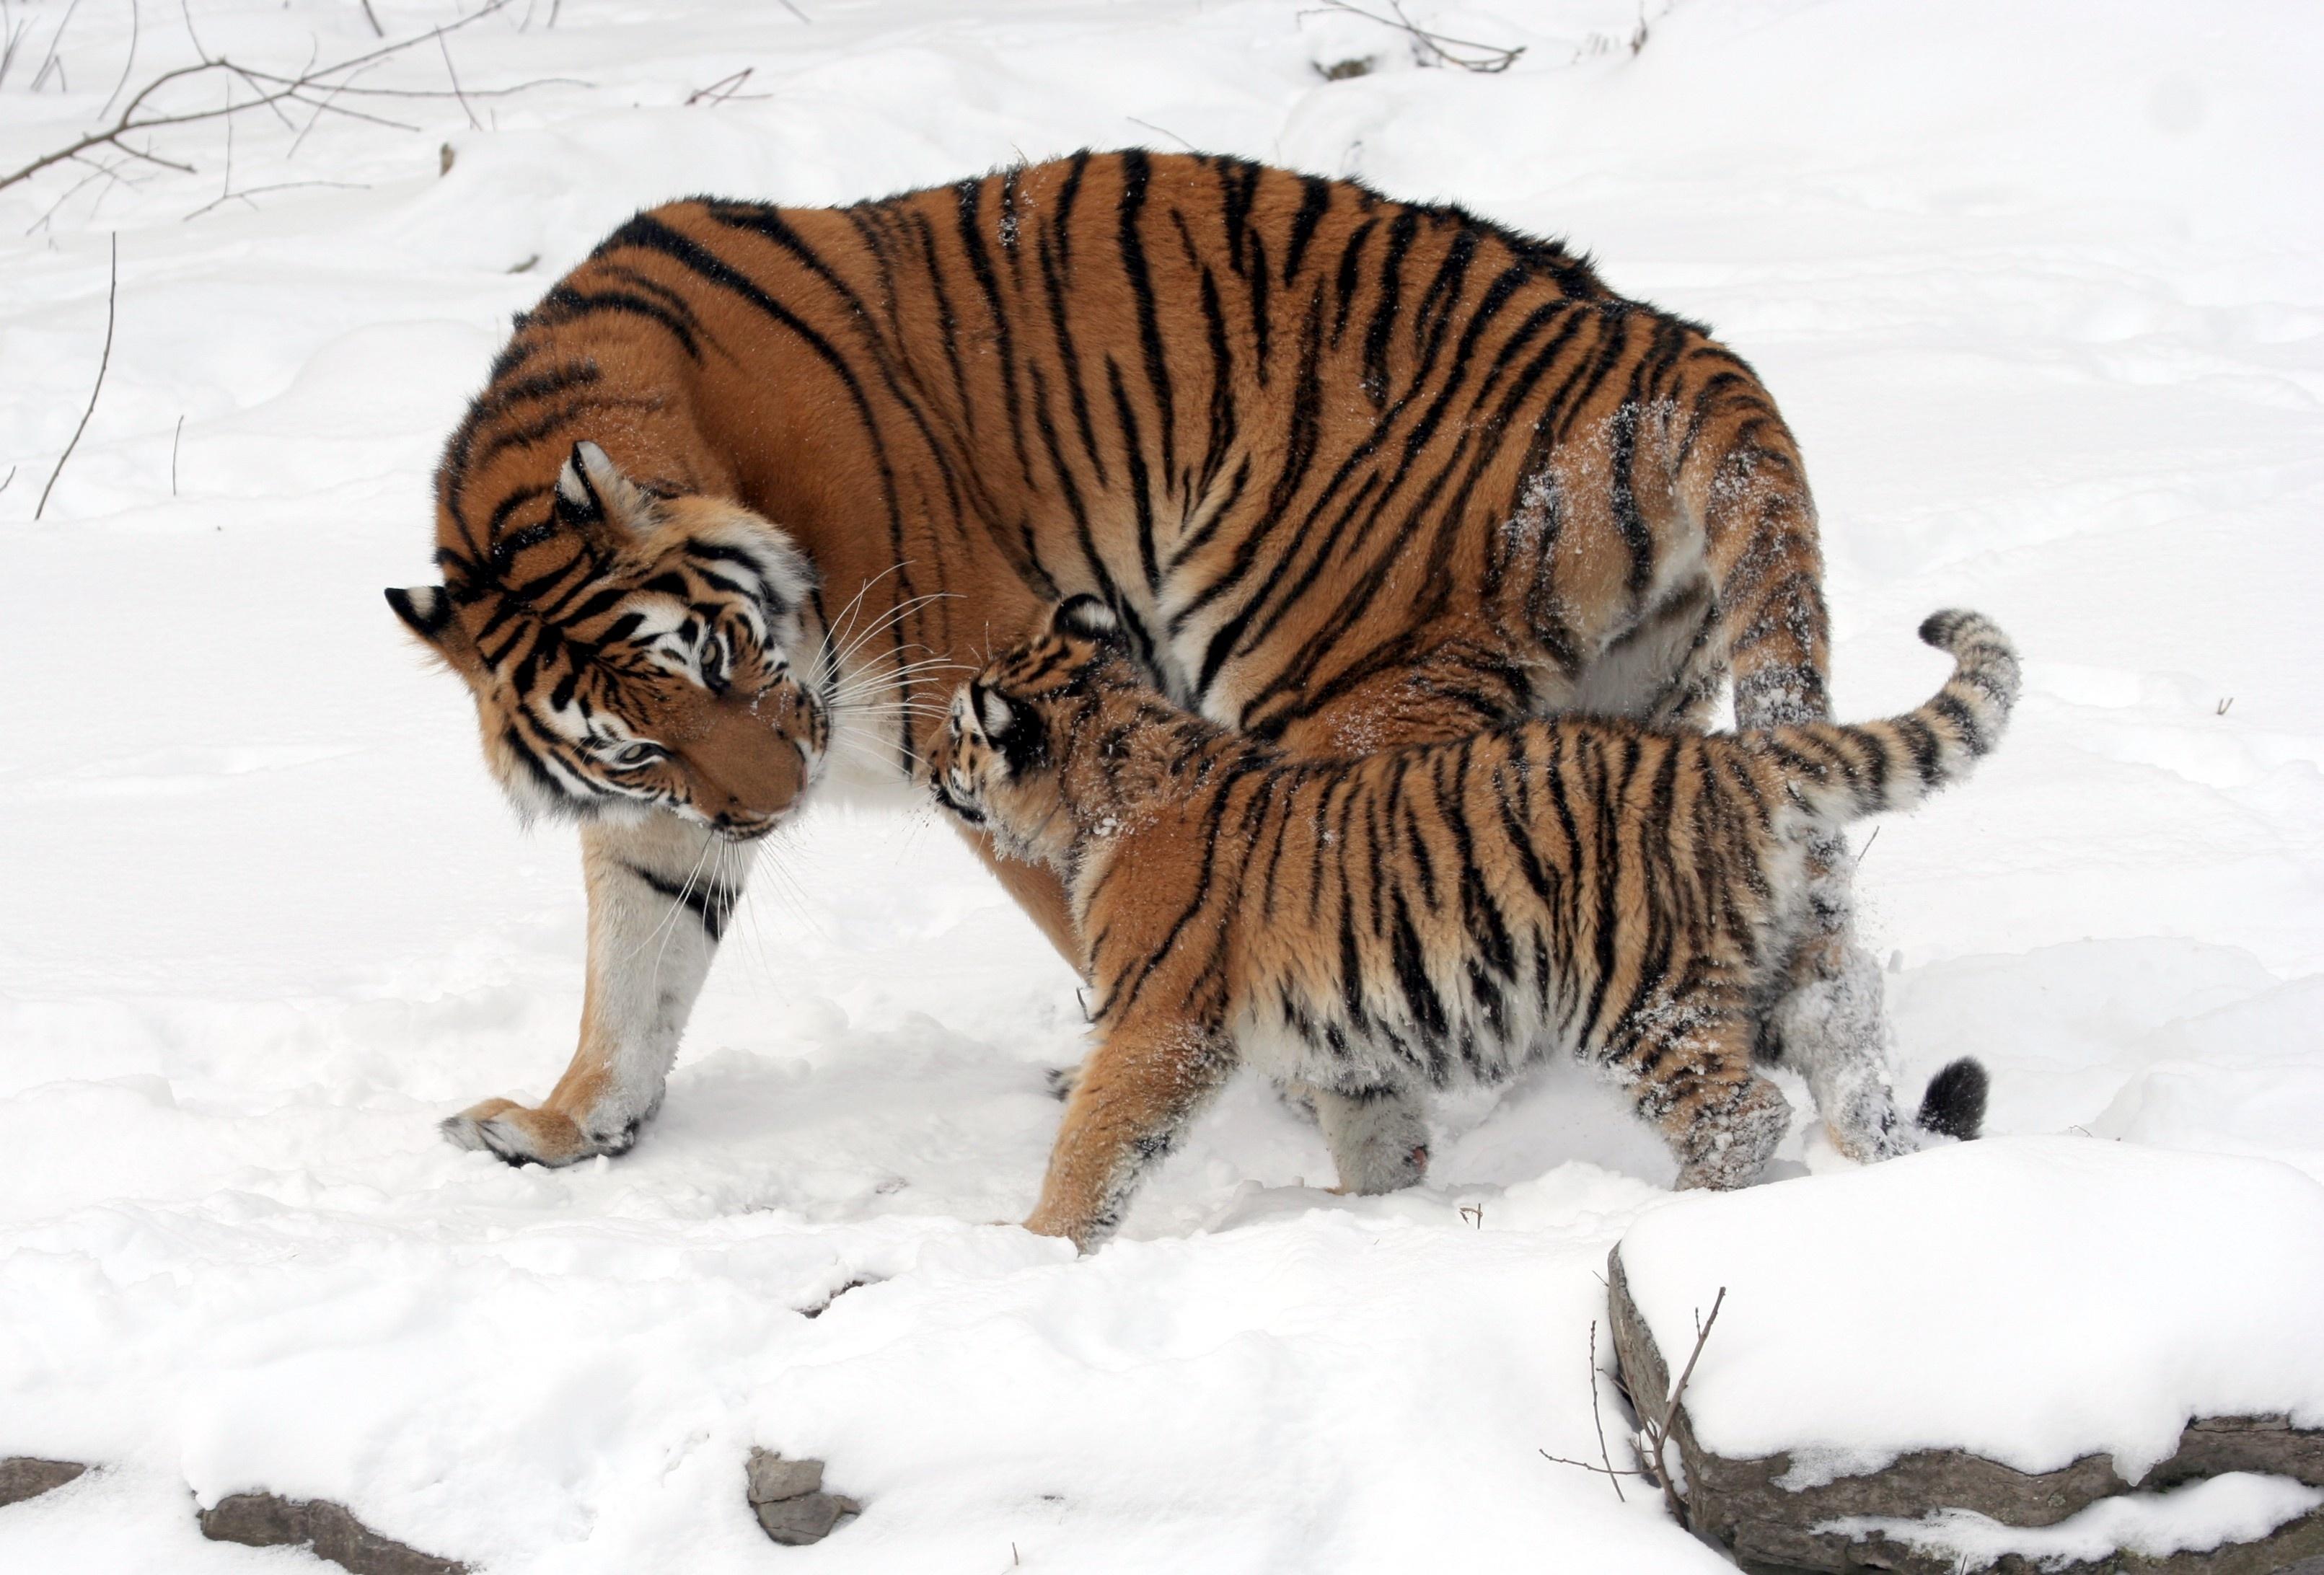 50869壁紙のダウンロード動物, 若い, ジョーイ, 雪, 優しさ, 愛, 散歩, 阪神タイガース-スクリーンセーバーと写真を無料で